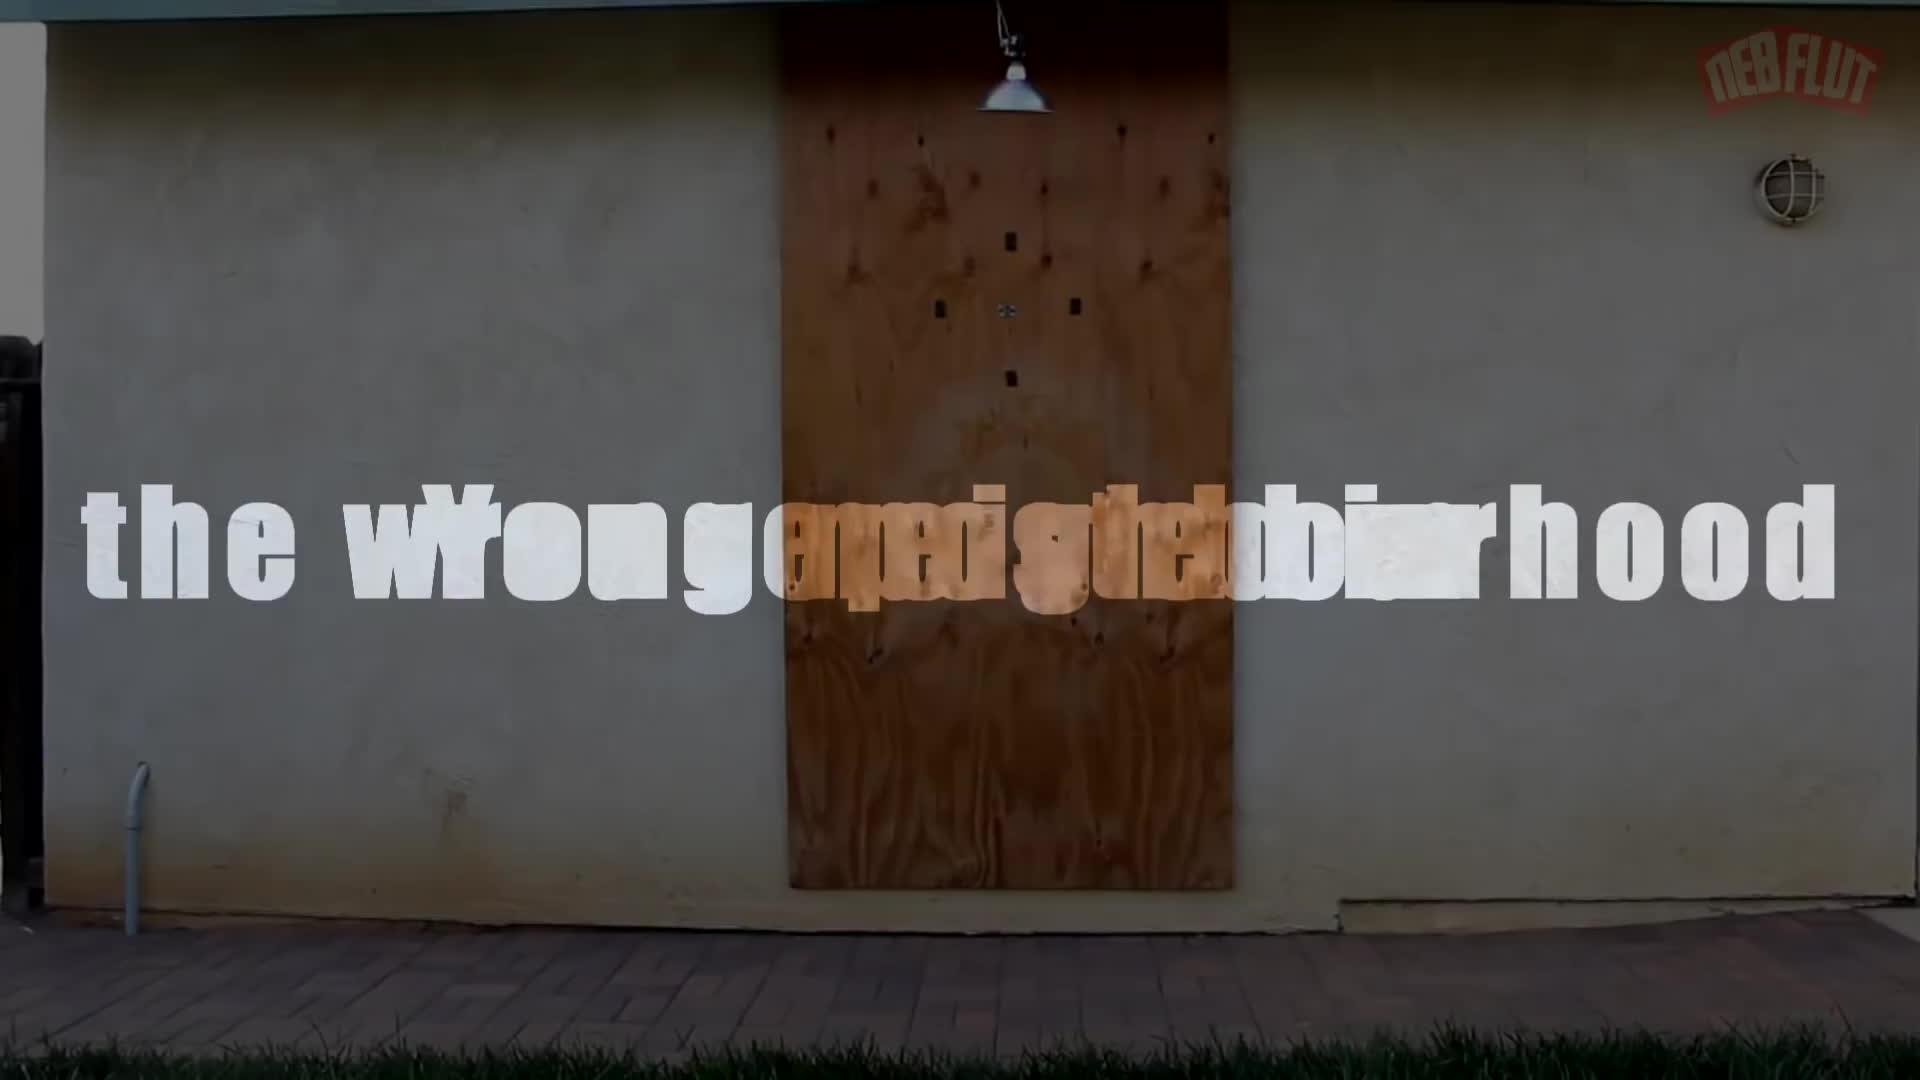 the wrong neighborhood lyrics